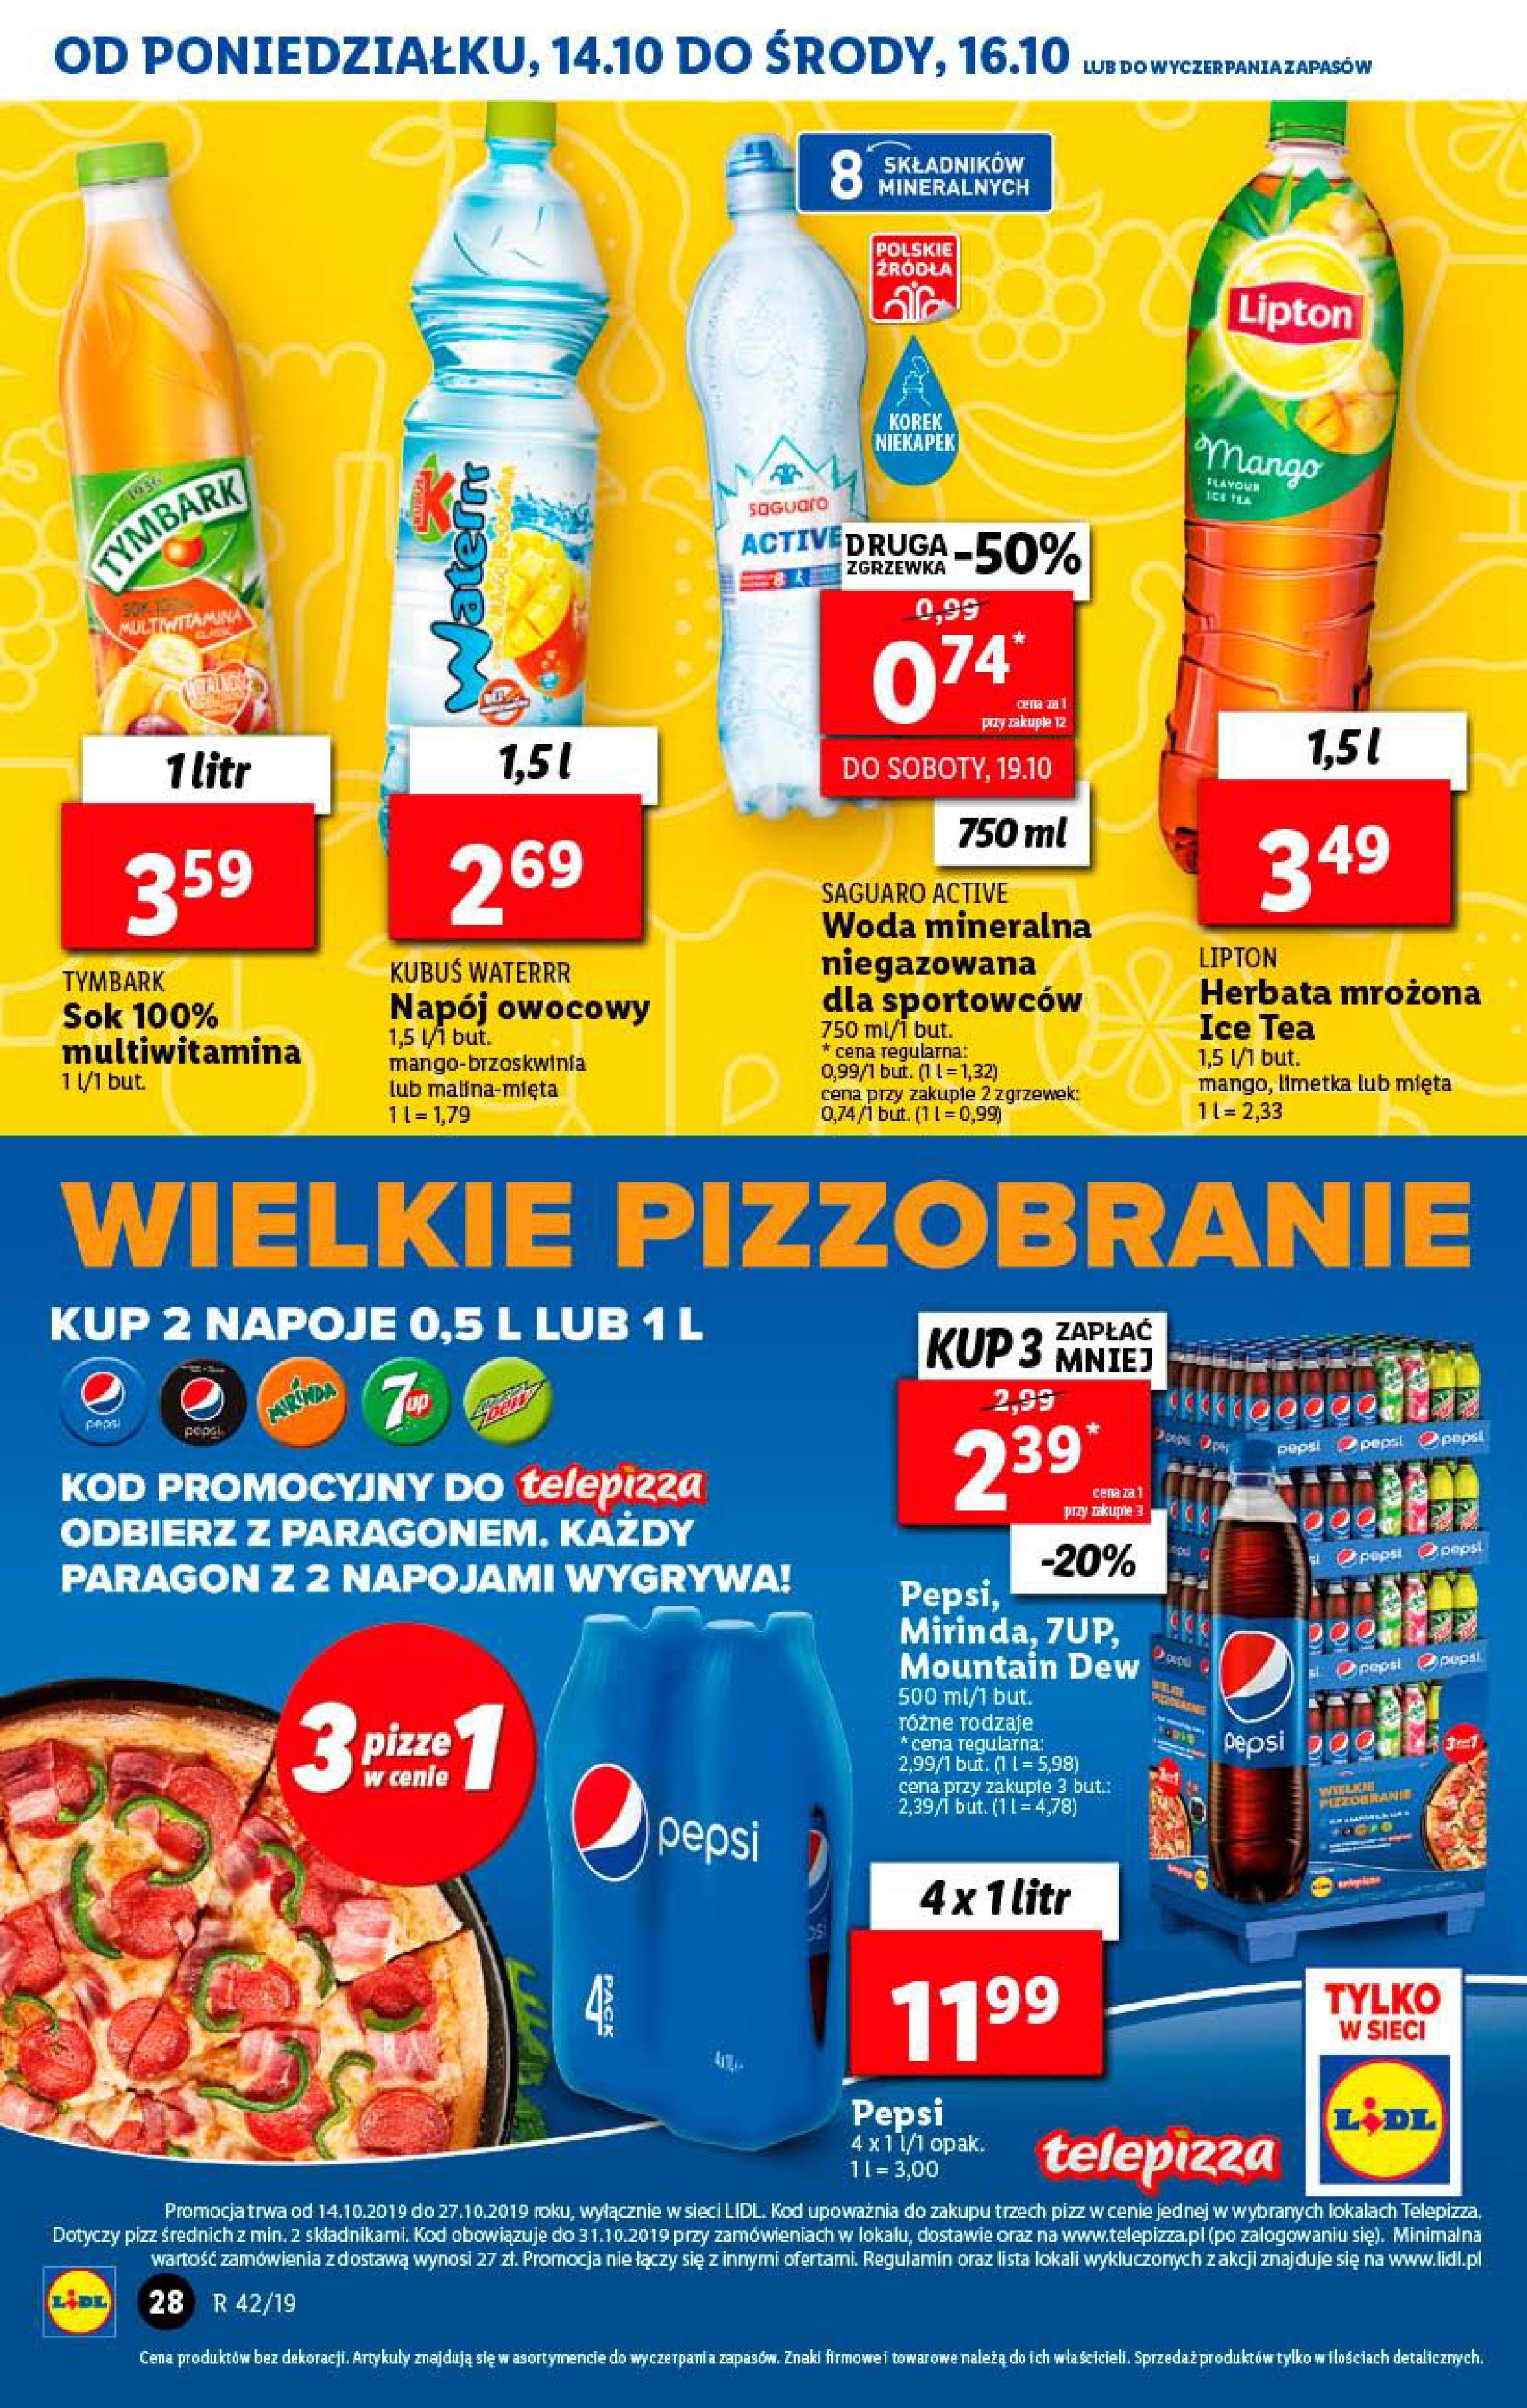 Gazetka Lidl - Od poniedziałku-13.10.2019-16.10.2019-page-28